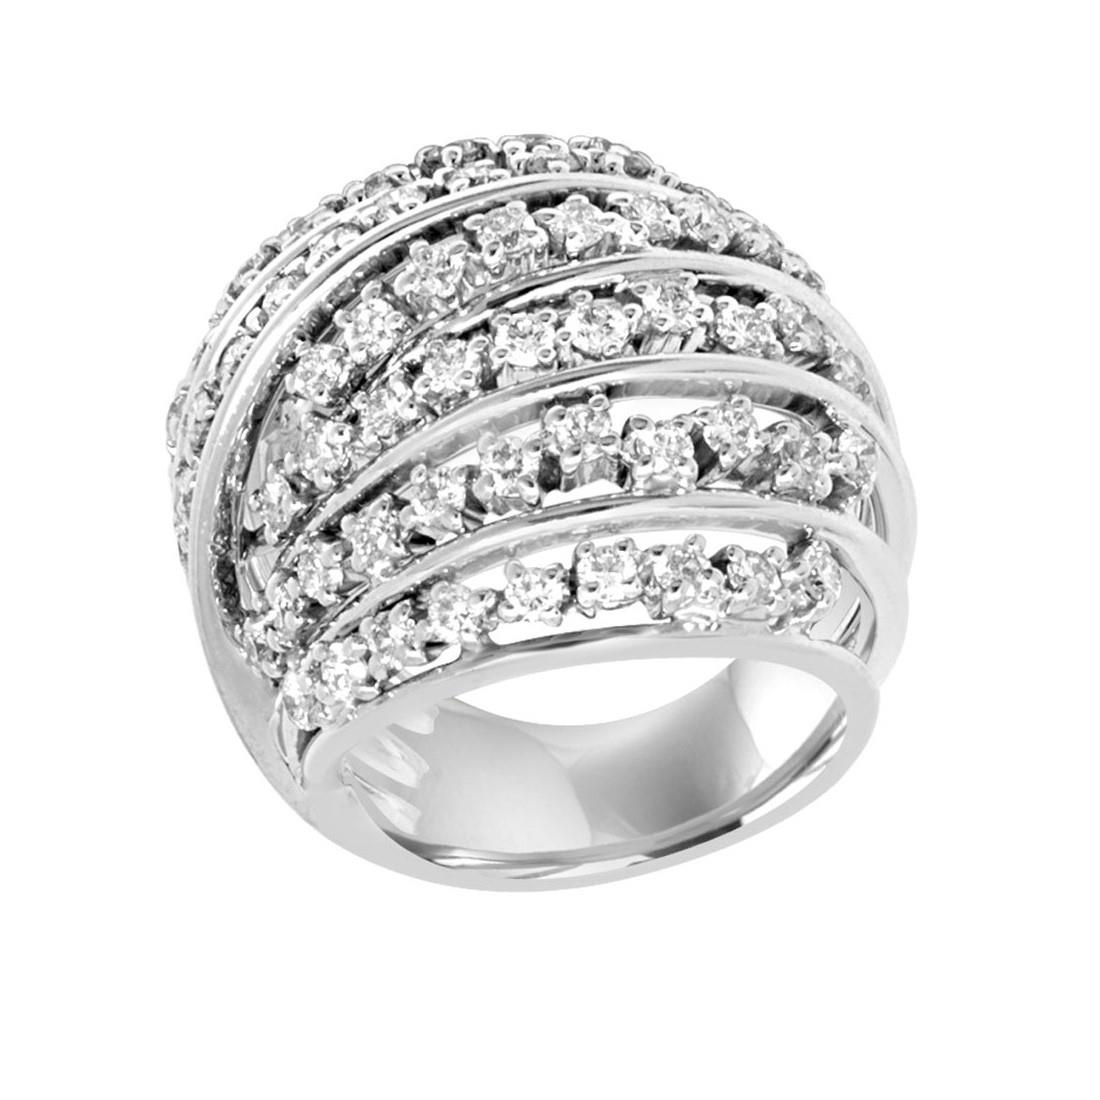 Anello design in oro bianco con diamanti mis 13 - ORO&CO